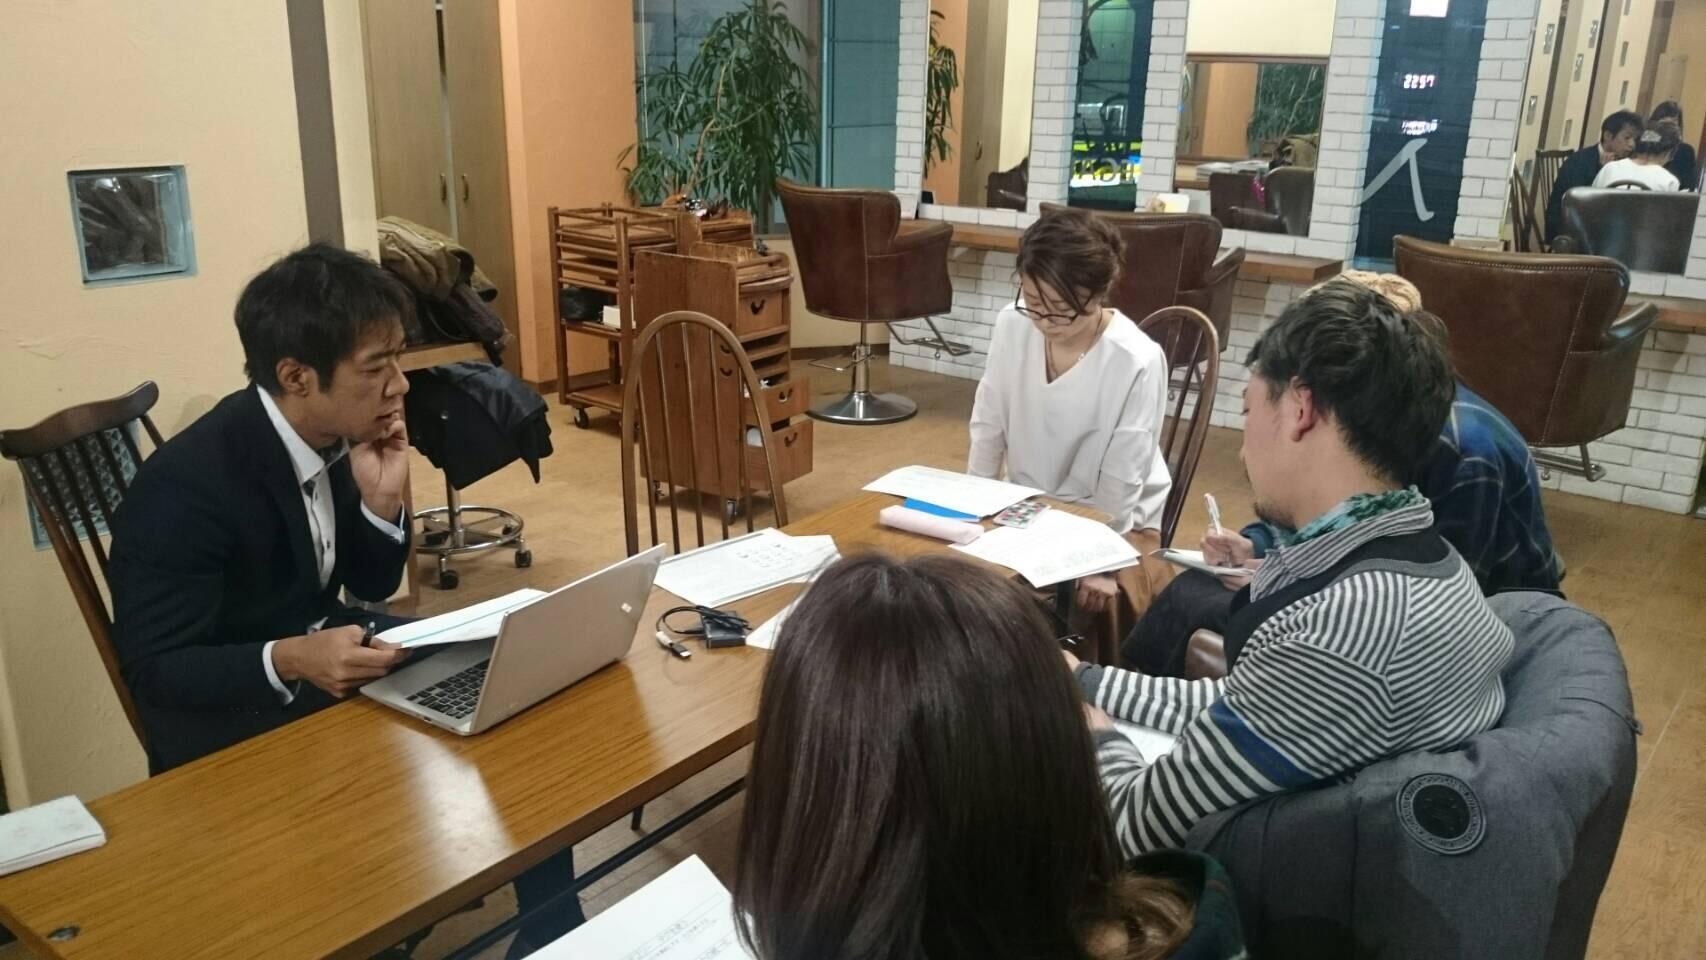 ネストブログ勉強会ウェブセミナー